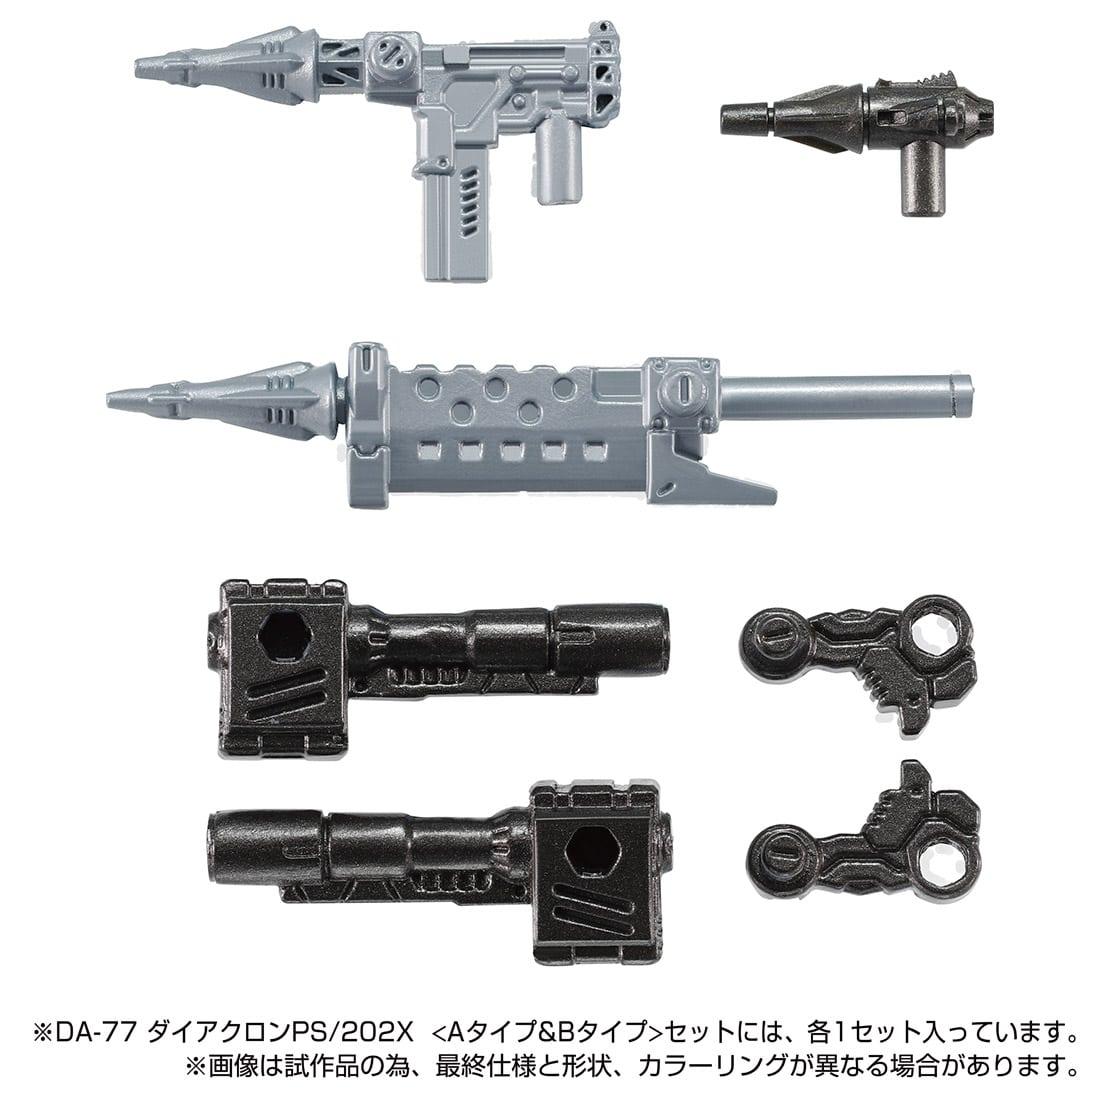 ダイアクロン『DA-77 ダイアクロンPS/202X〈Aタイプ&Bタイプ〉セット』可変可動フィギュア-009